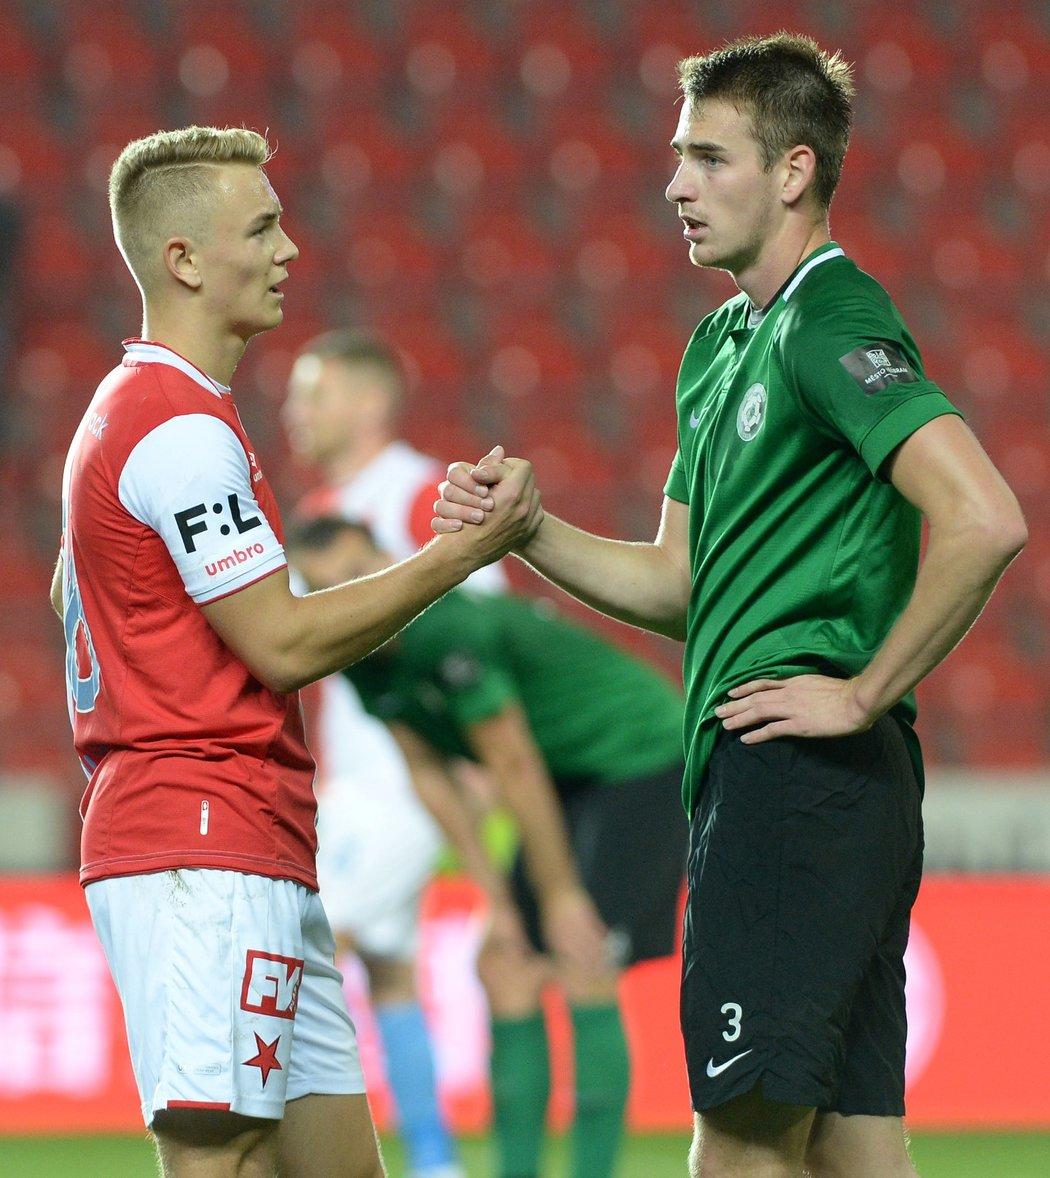 Jan Matoušek se proti svému bývalému týmu neprosadil, po zápase si ale měl co říct například s Romanem Květem